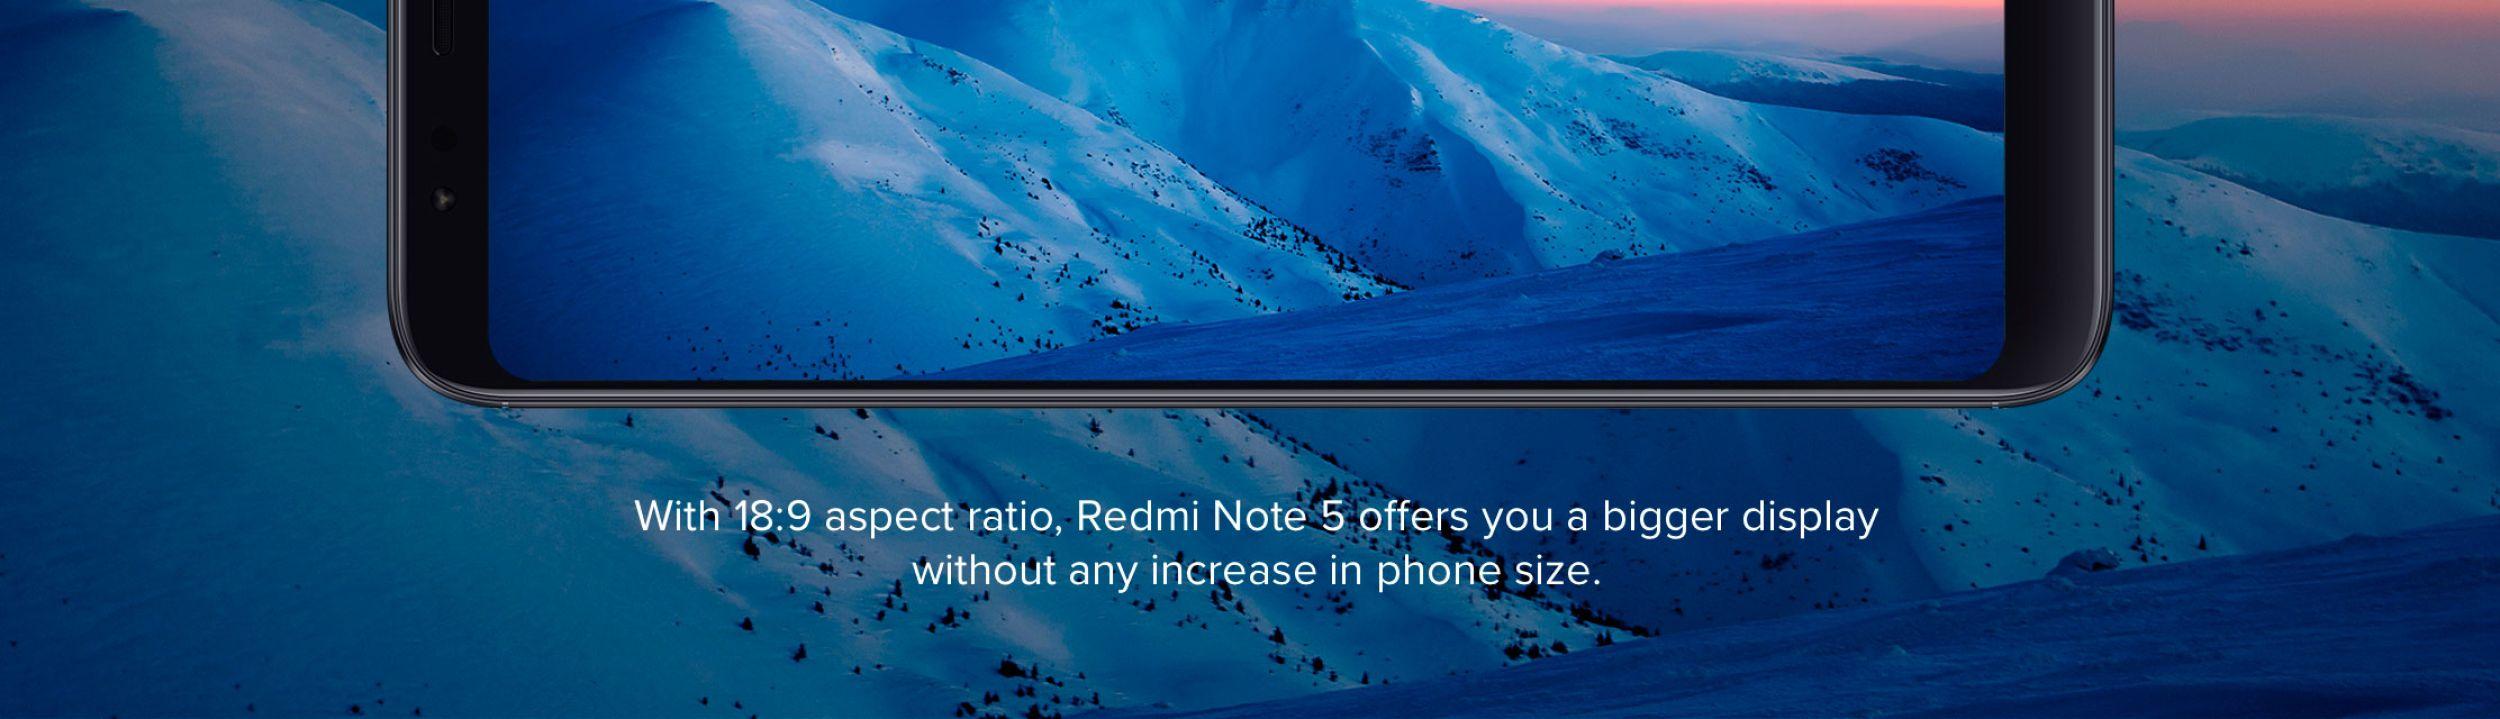 Redmi banner 6